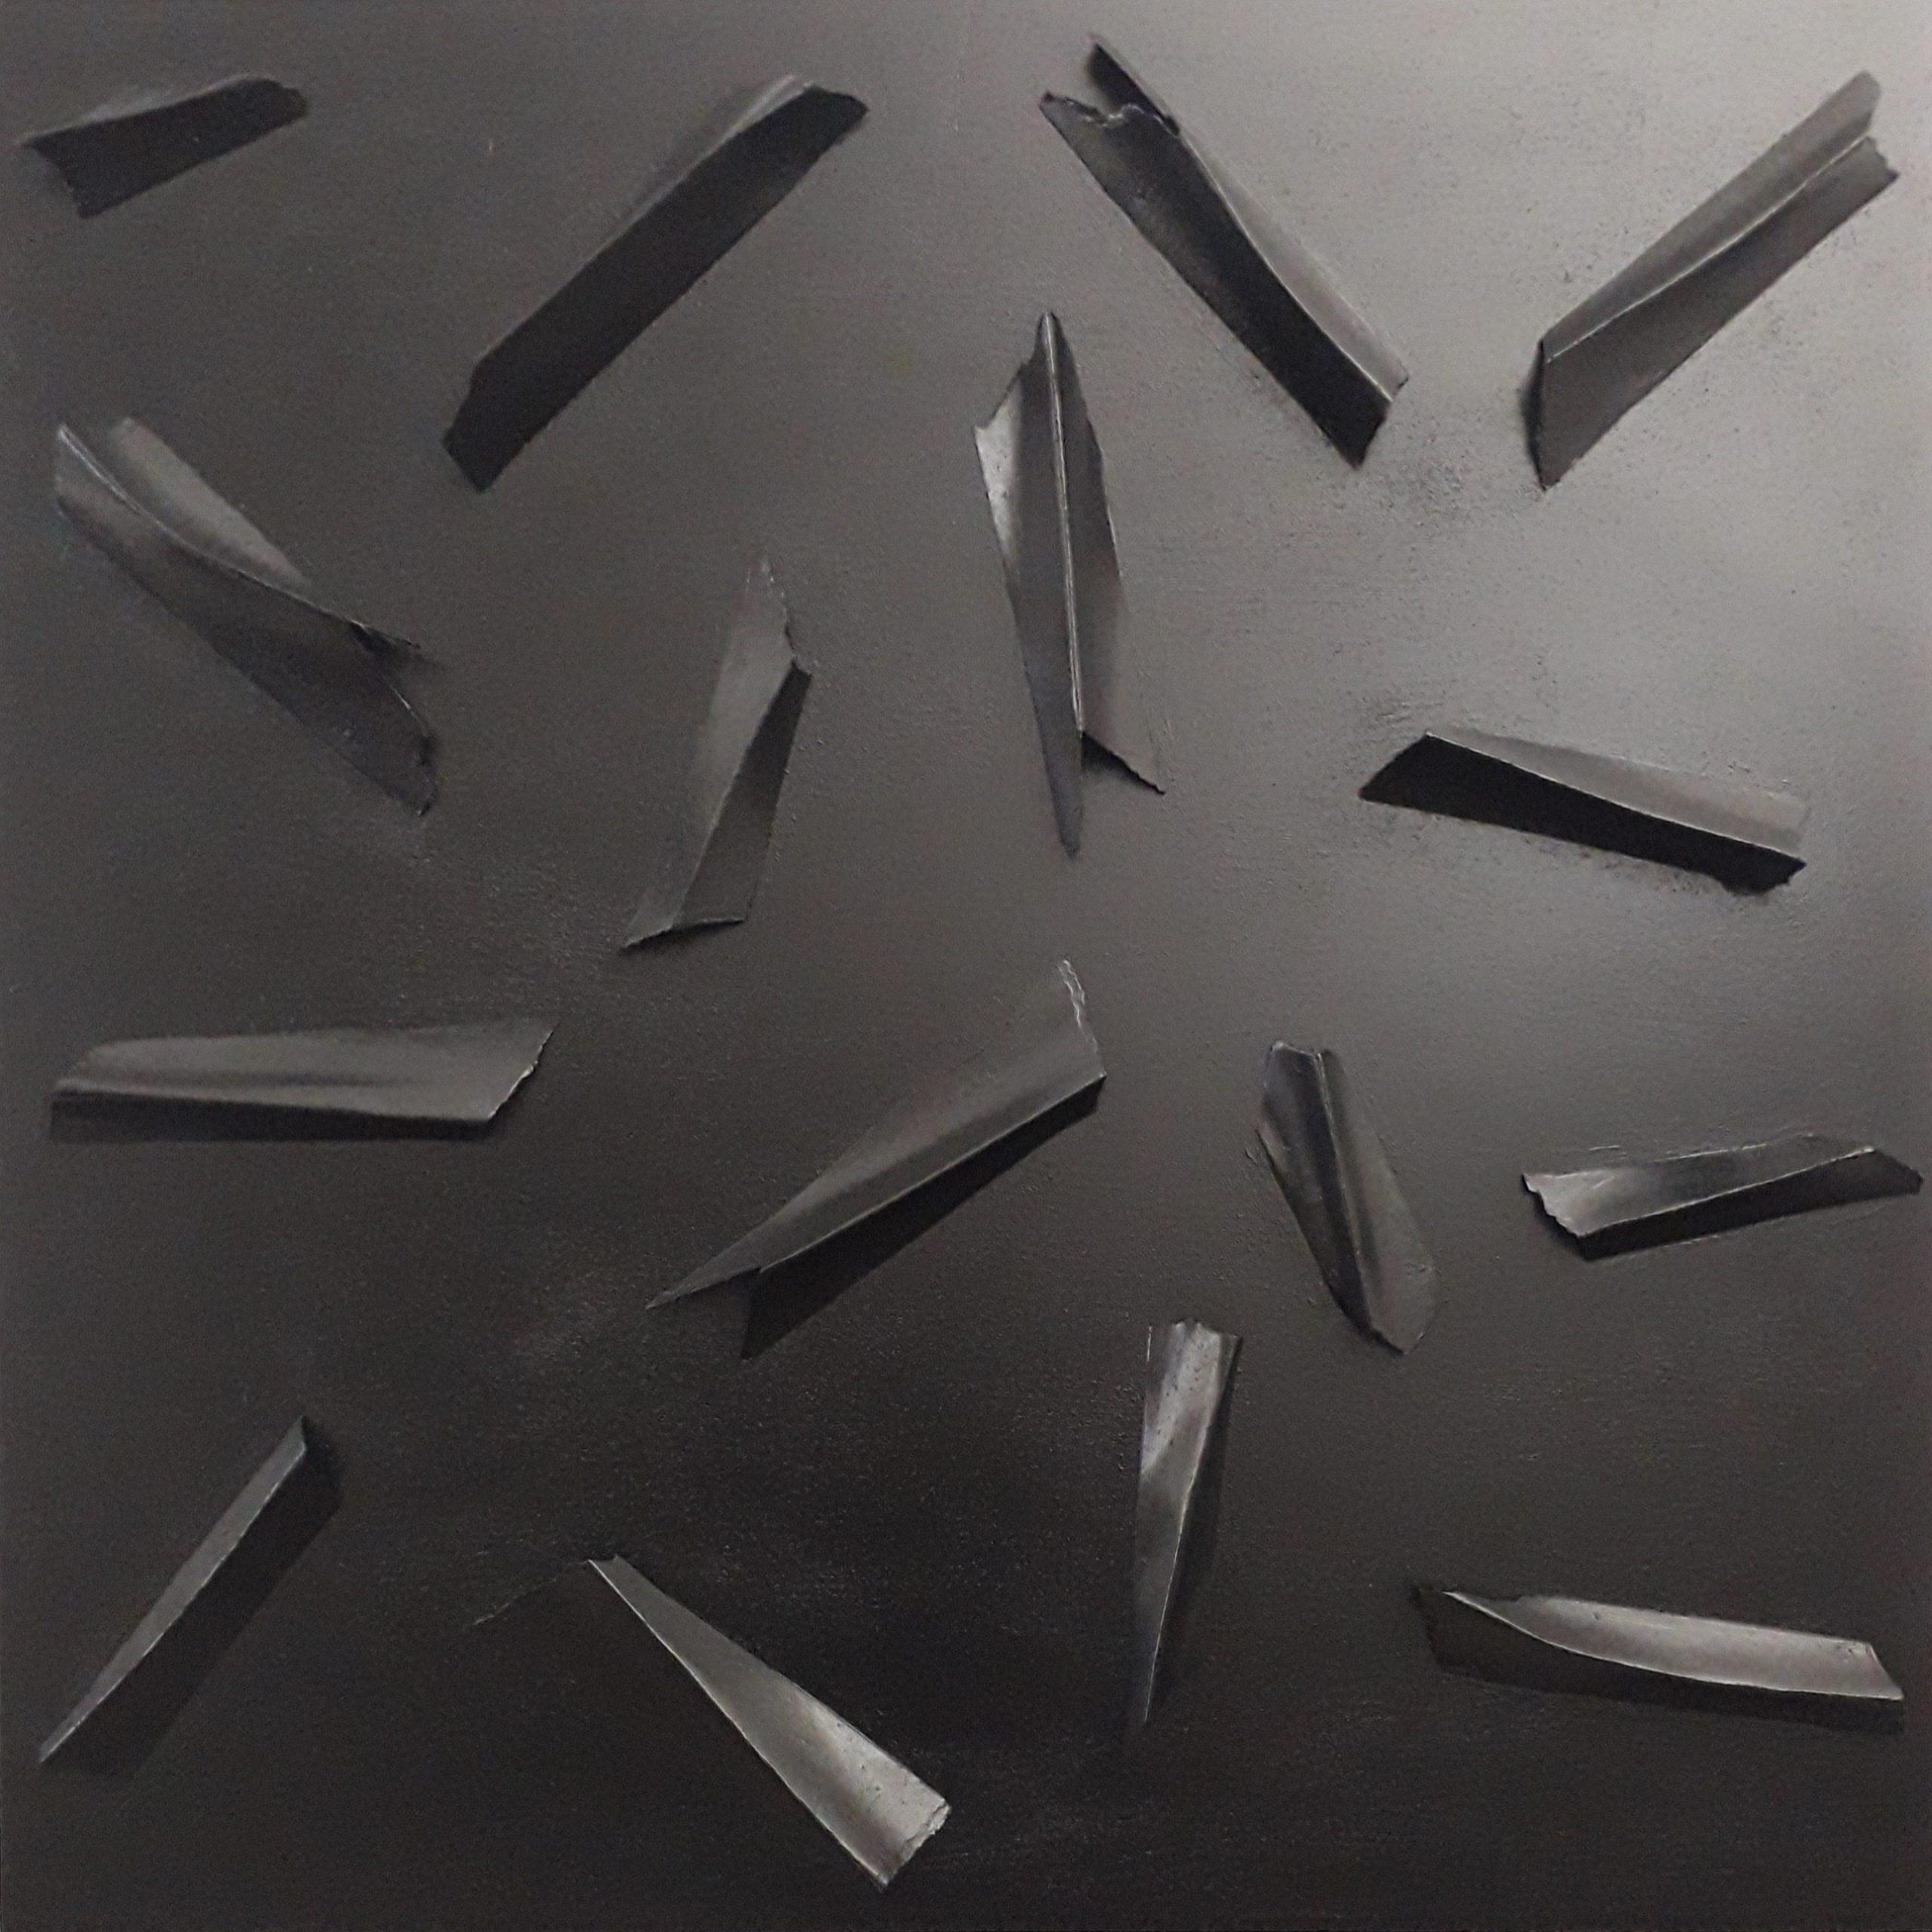 E.C. III 2 2021 - multimaterico su tavola - cm100x100